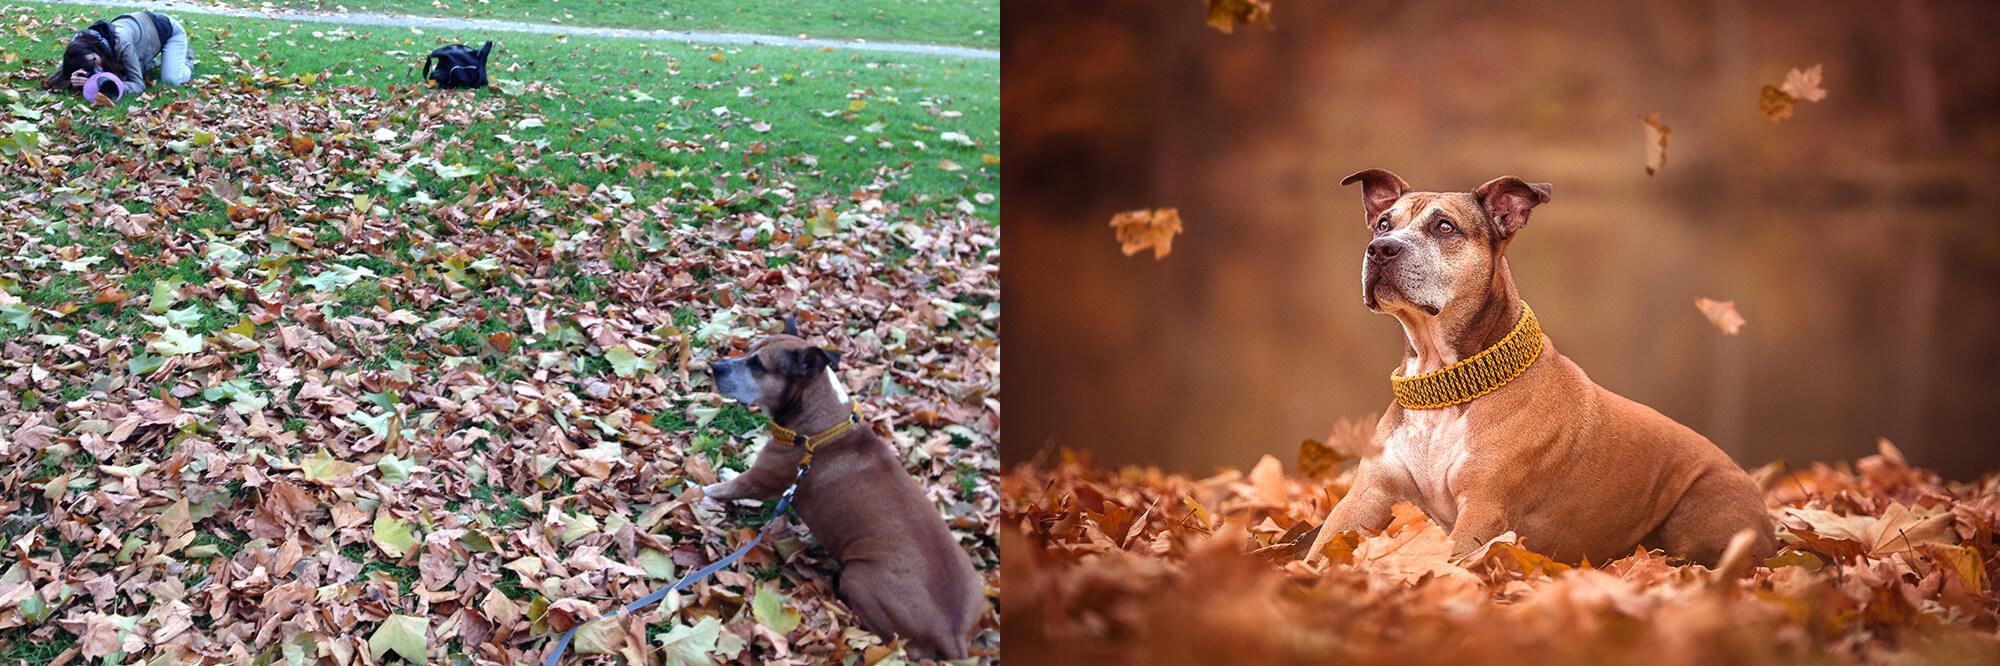 Hundefoto Making of